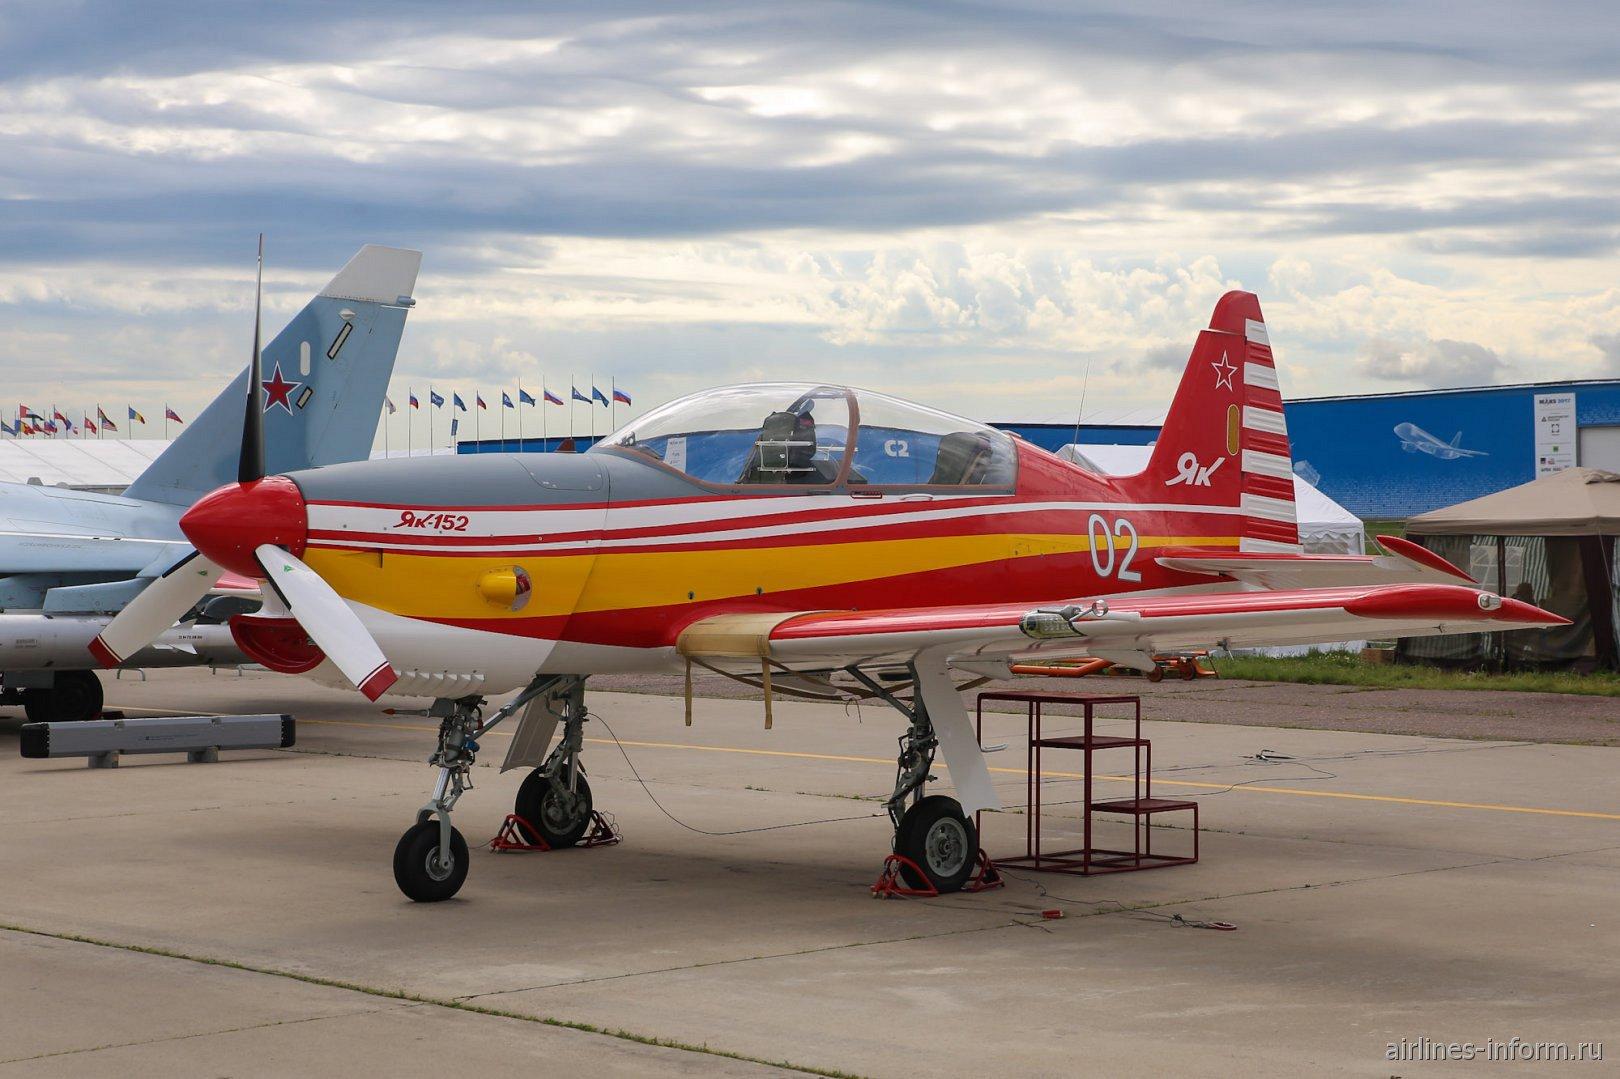 Учебный самолет Як-152 на авиасалоне МАКС-2017